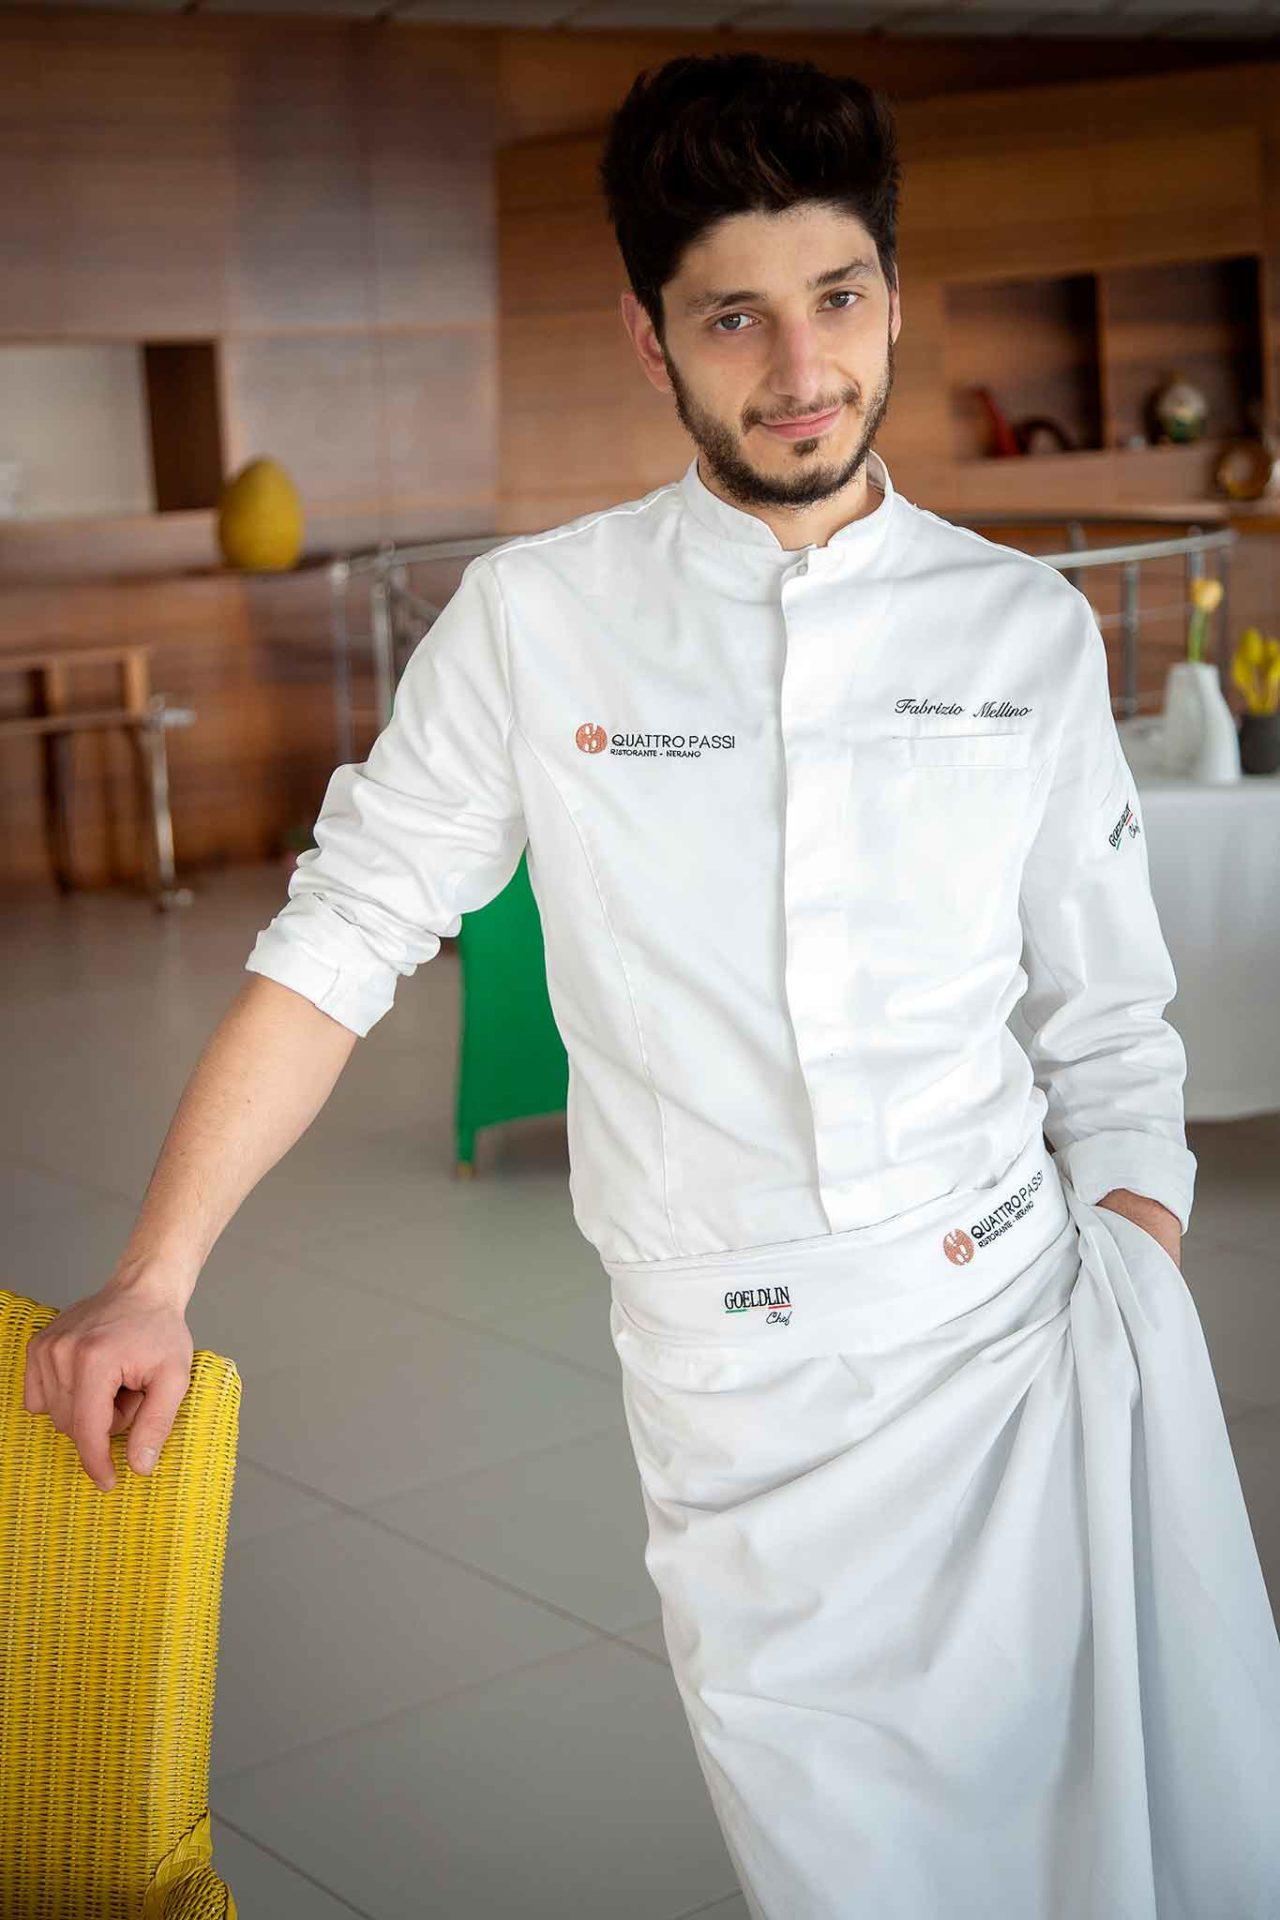 Fabrizio Mellino